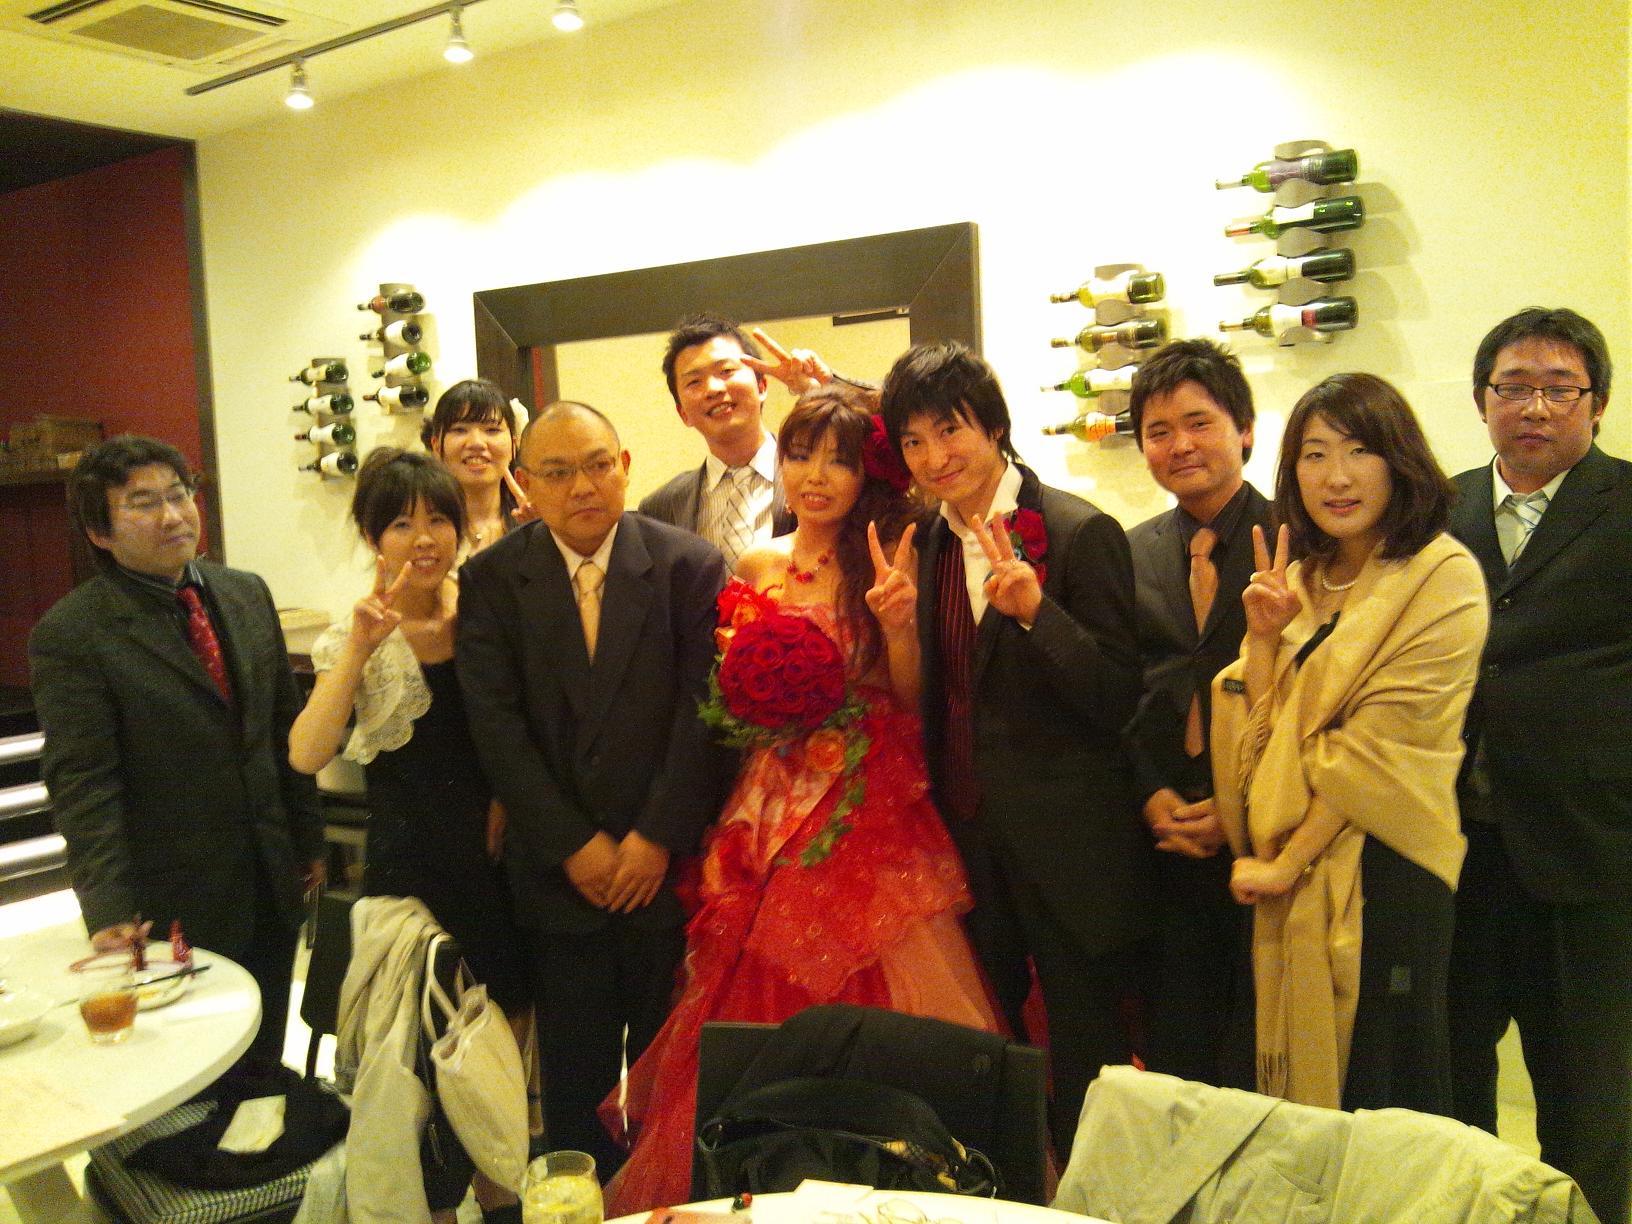 大学時代のクラブの後輩の結婚式・二次会に行ってきました(^O^)/_b0165454_995084.jpg